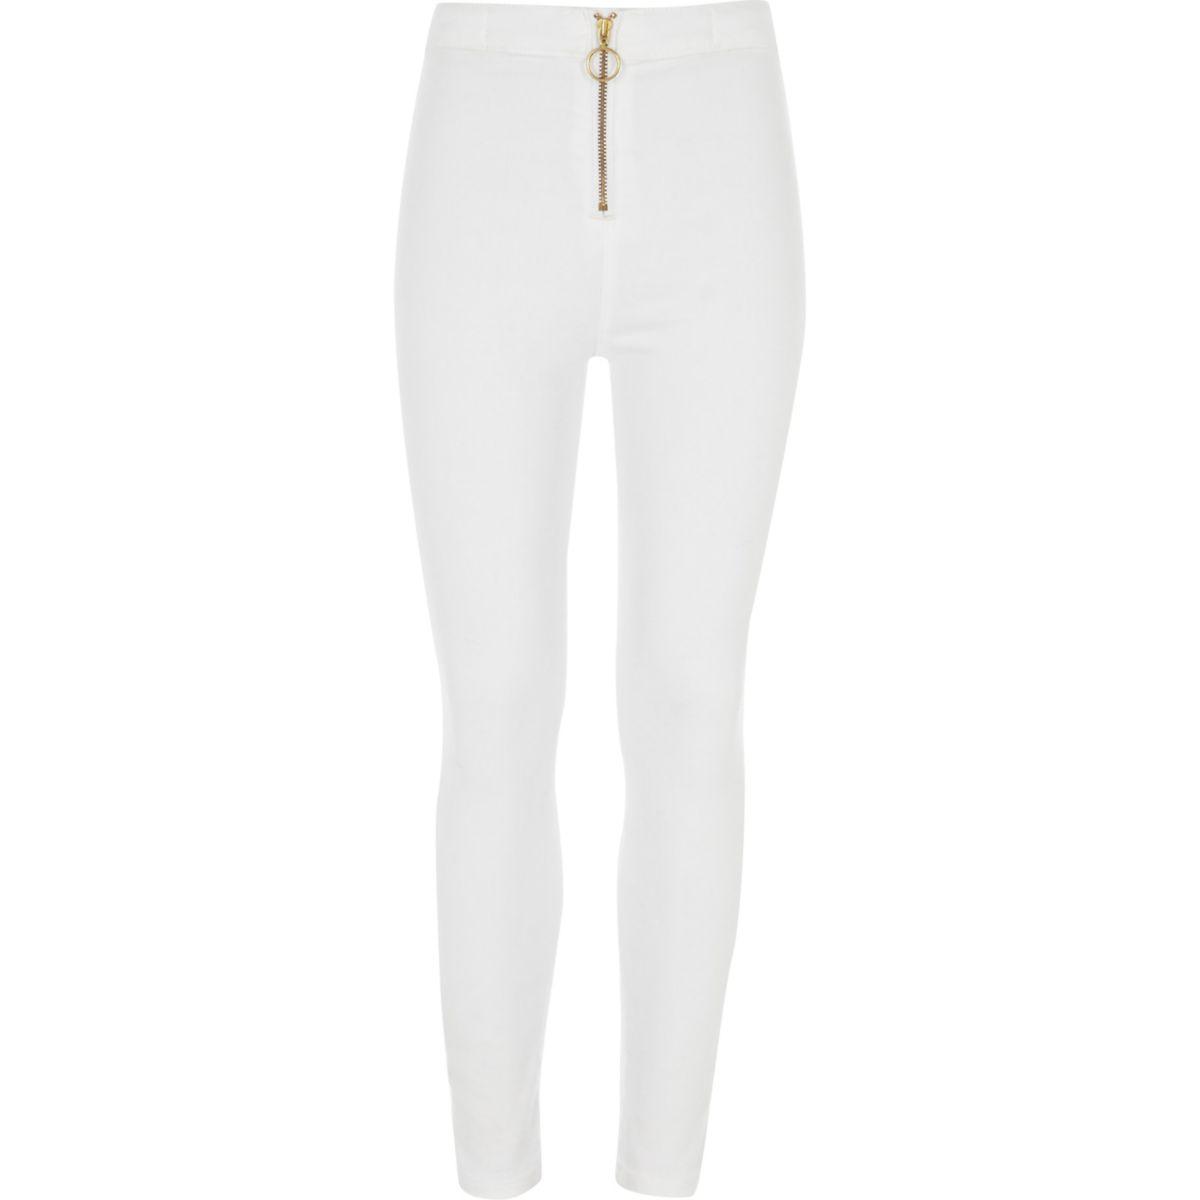 Molly – Superskinny Jeans mit Reißverschluss